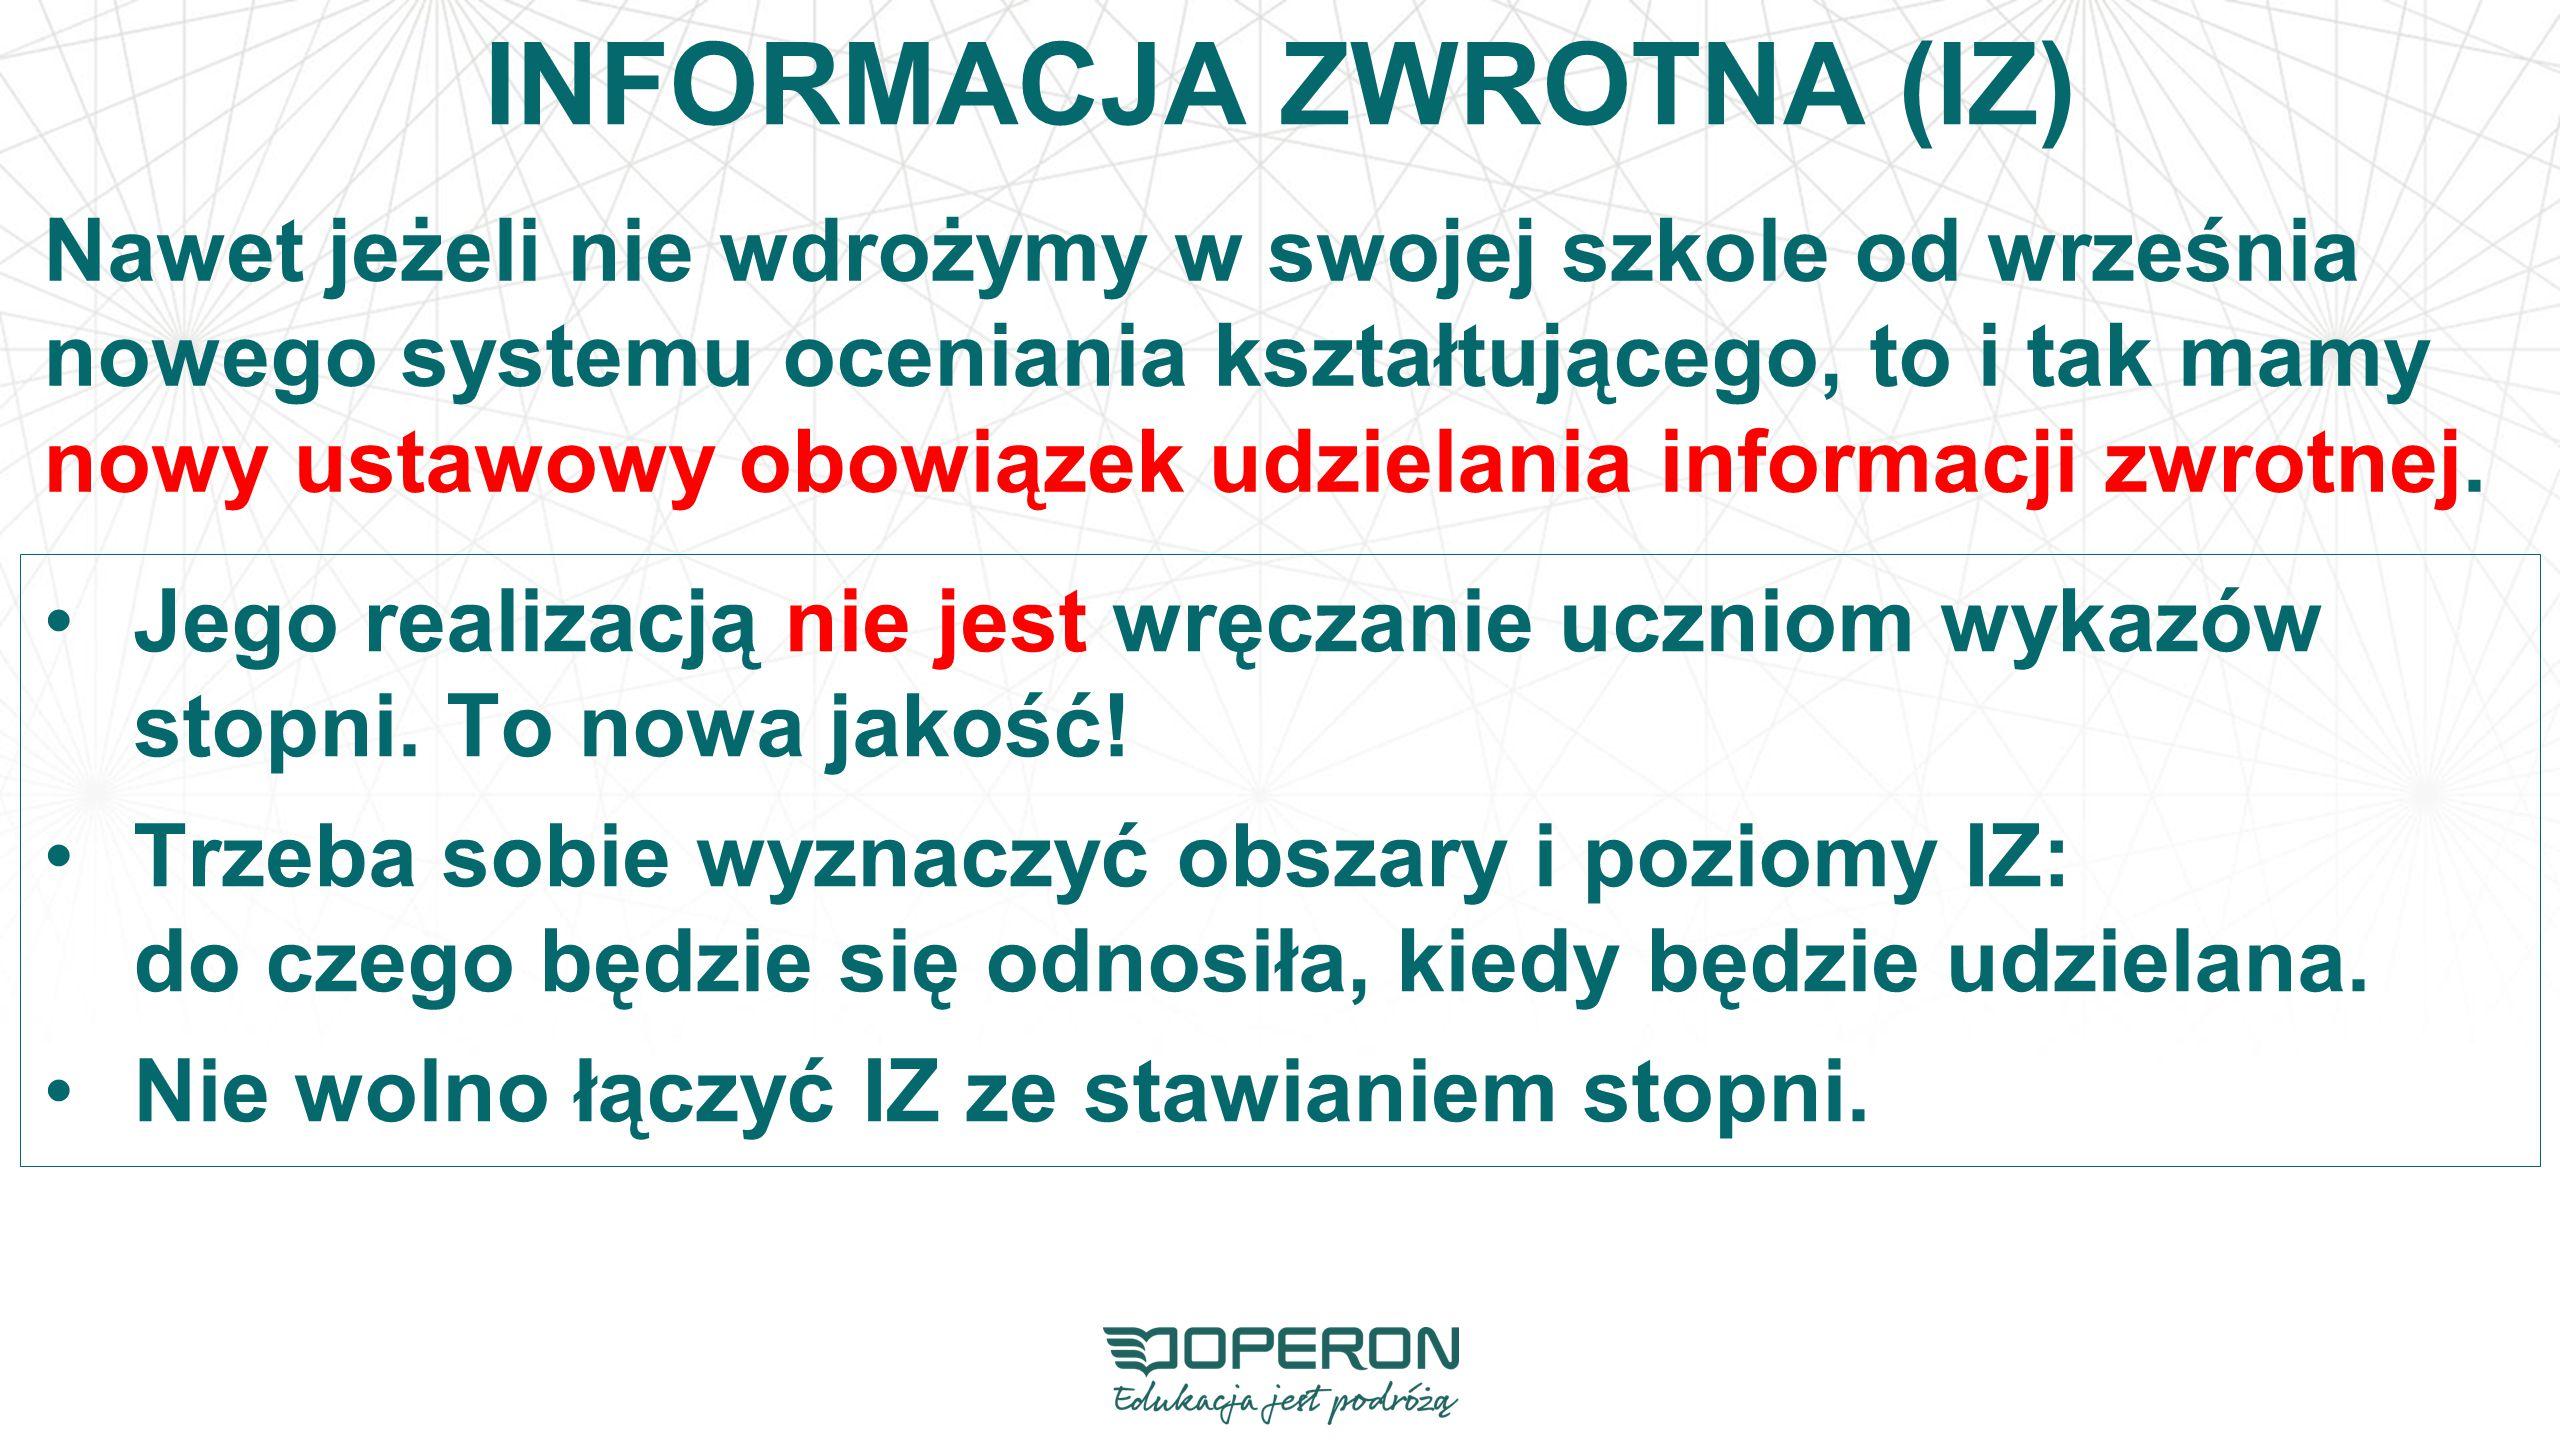 INFORMACJA ZWROTNA (IZ)